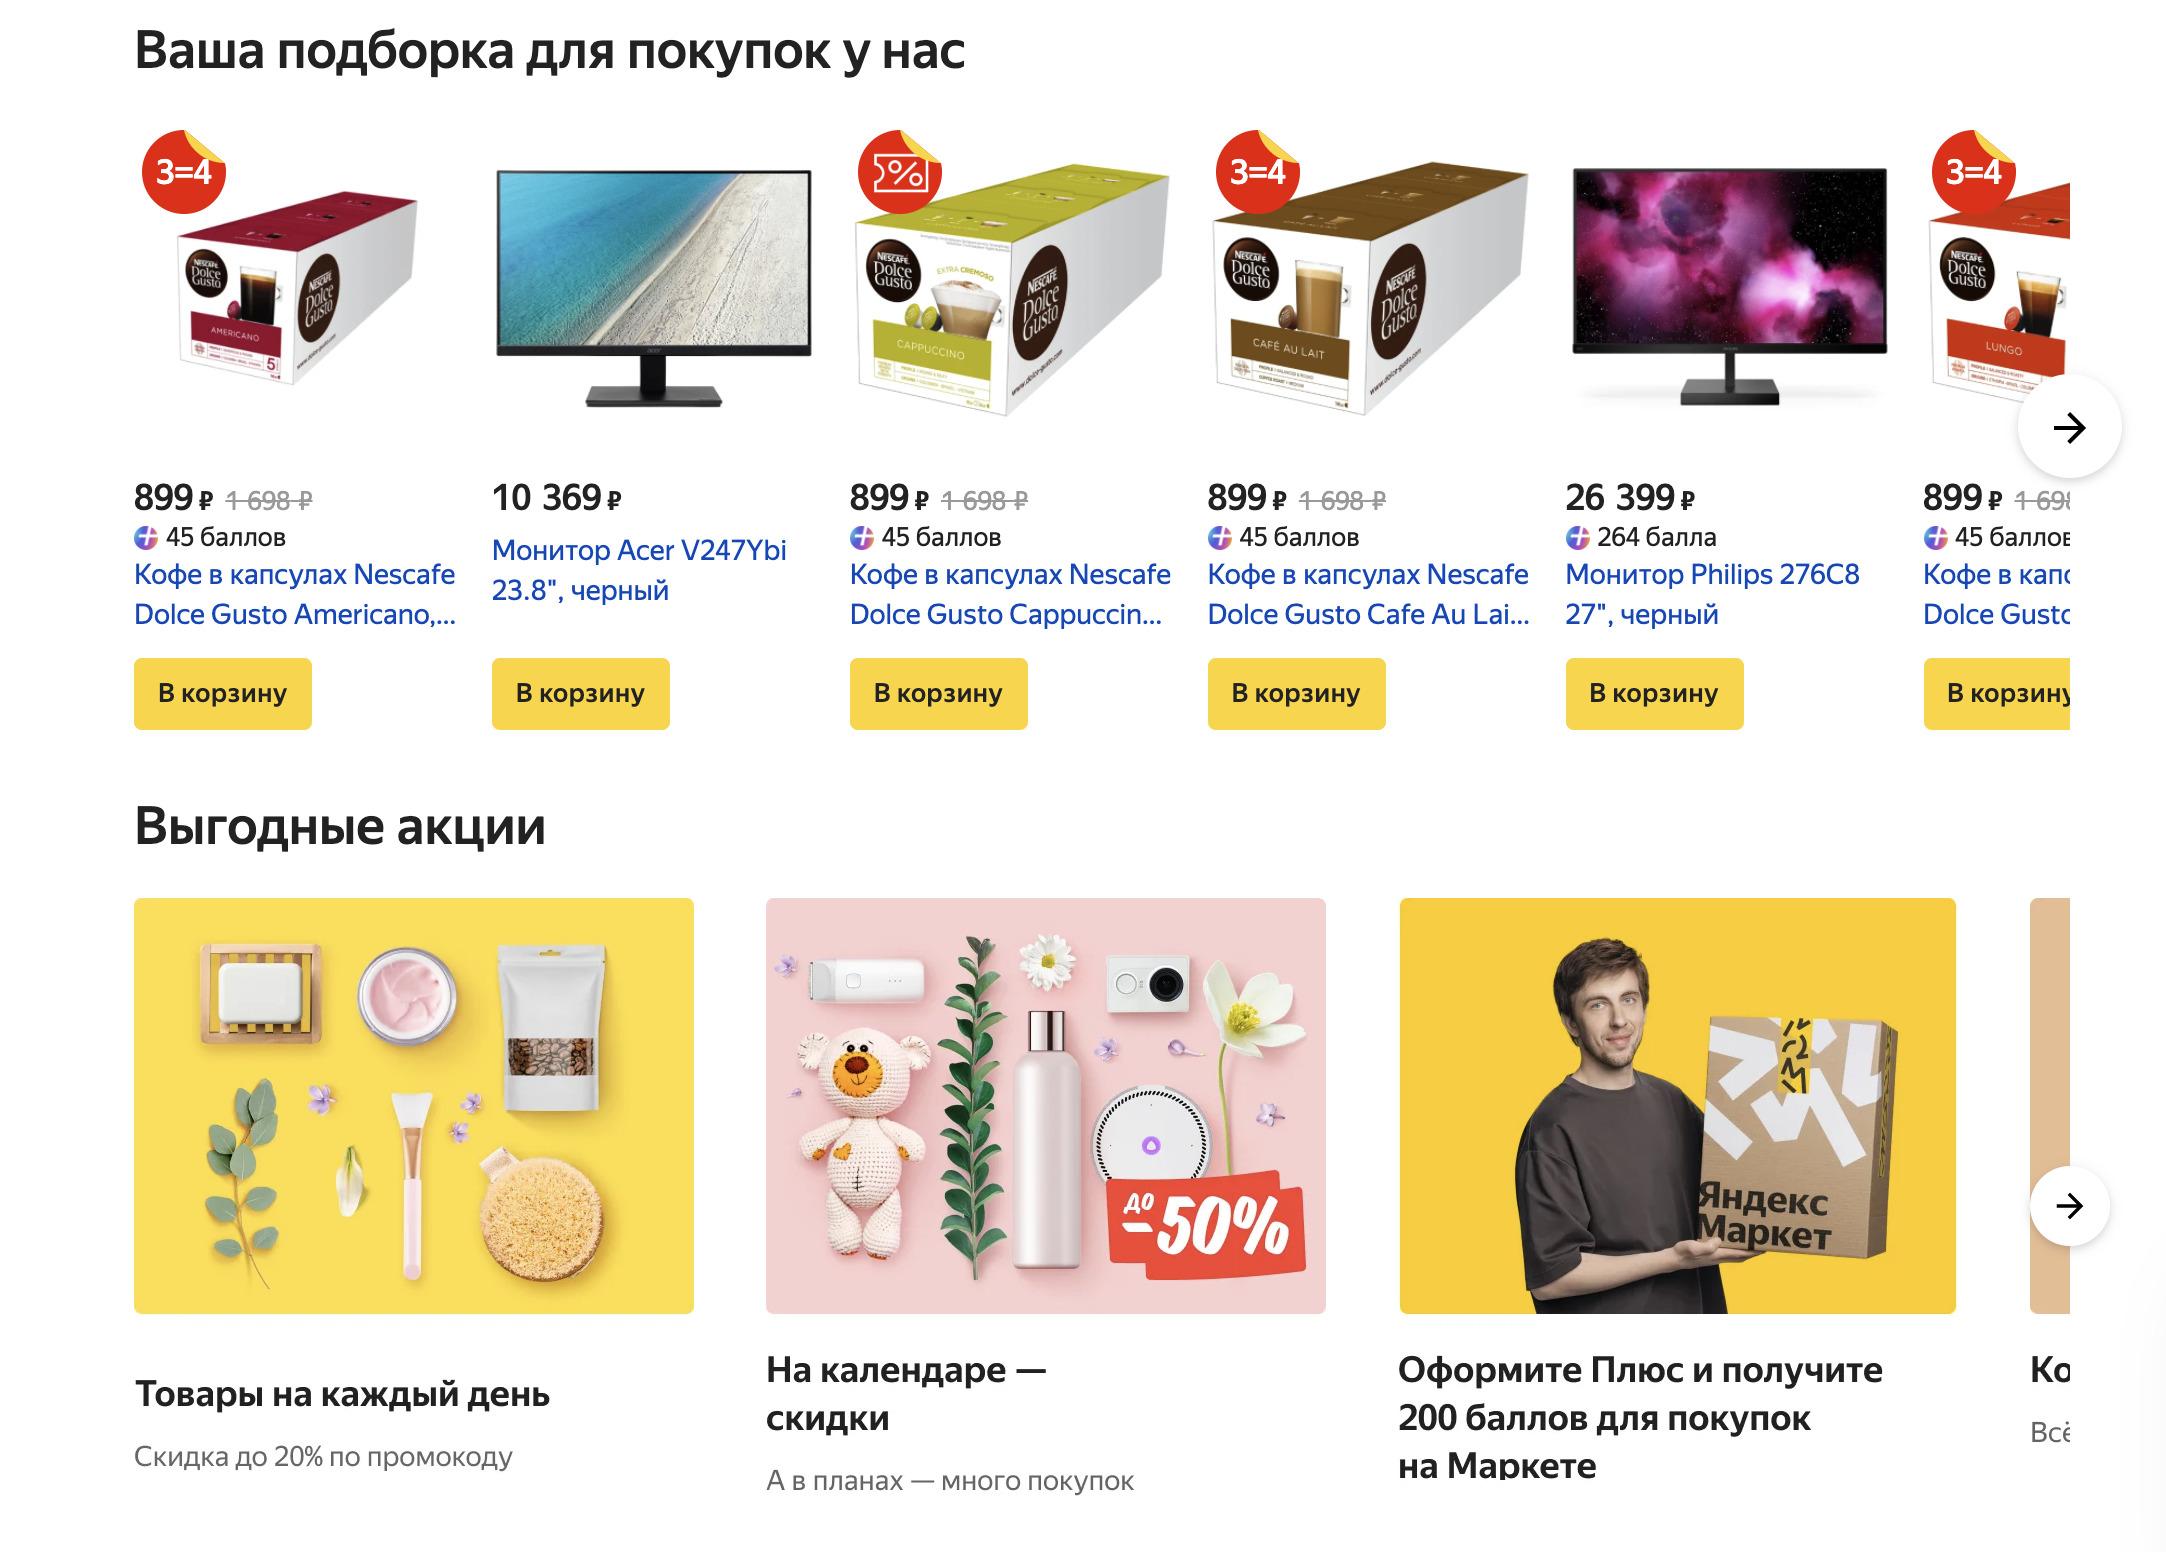 Доставка из Яндекс.Маркет в Нижний Тагил, сроки, пункты выдачи, каталог